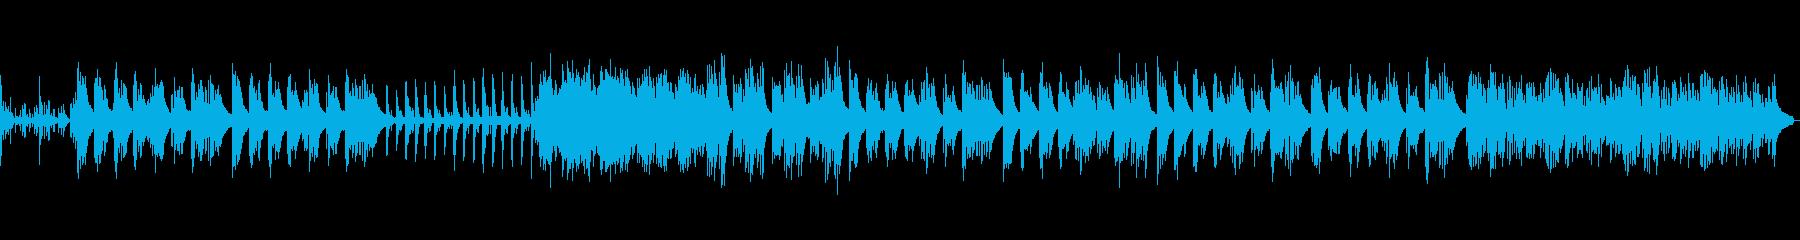 感傷に浸る儚く切ないピアノBGMの再生済みの波形